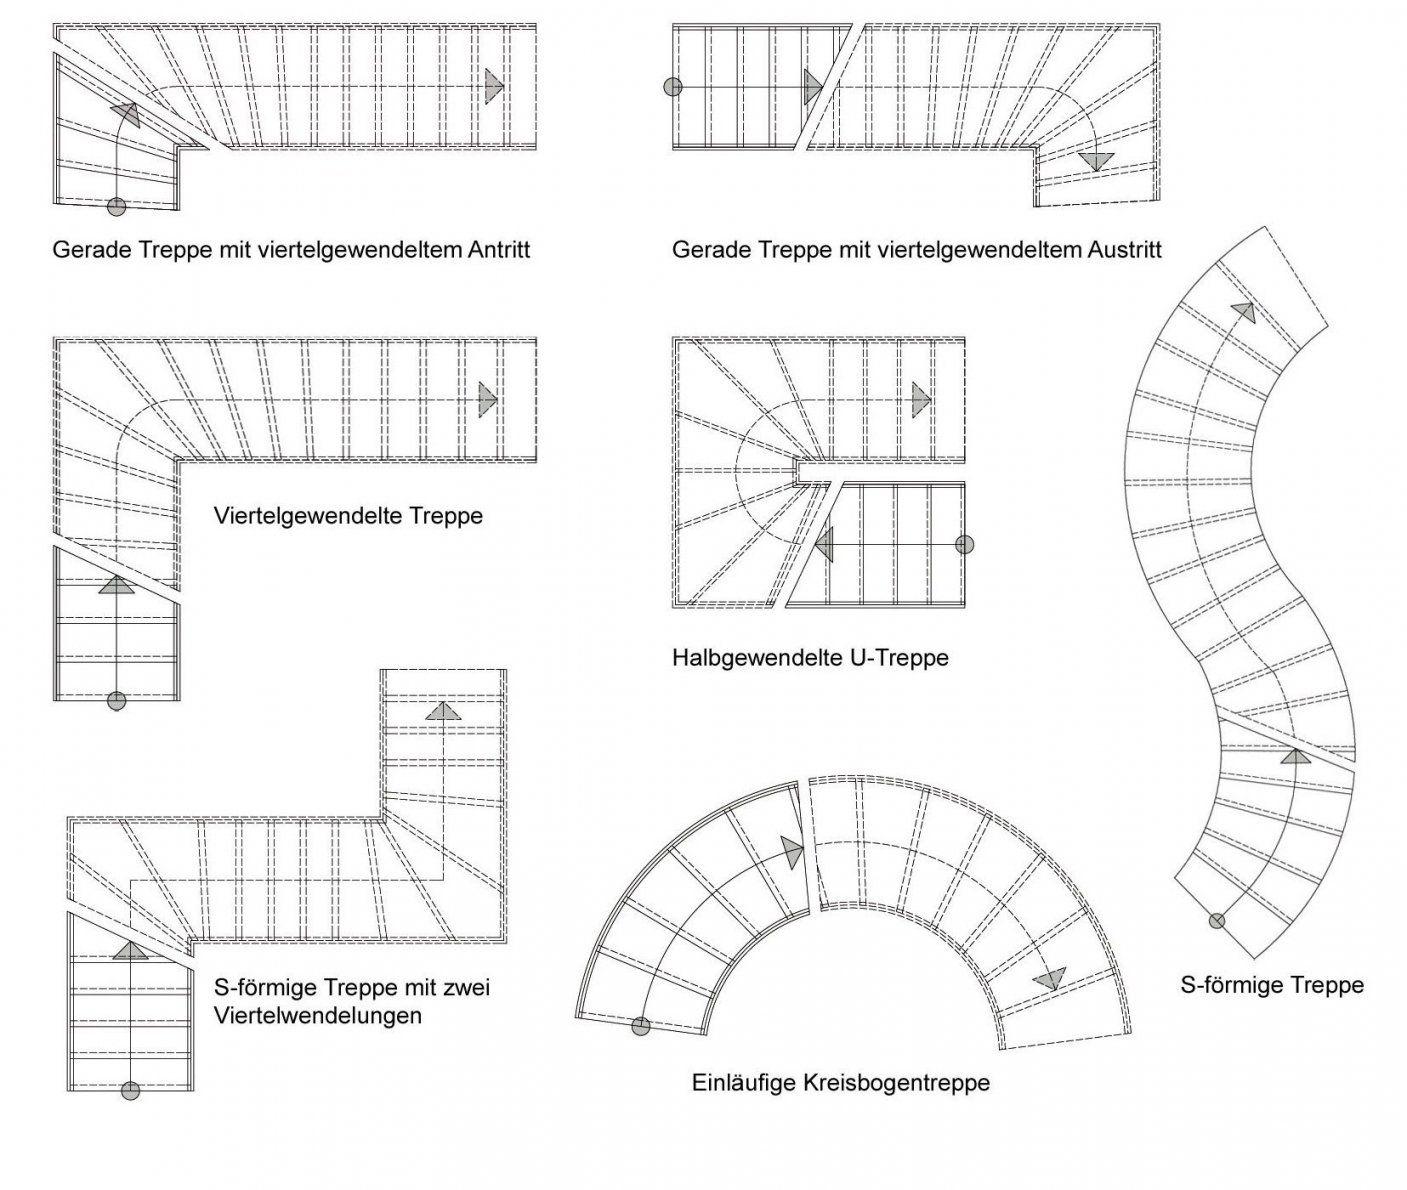 Elegantes Treppe Online Berechnen Treppe Mit Podest Berechnen von Treppe Mit Podest Berechnen Bild